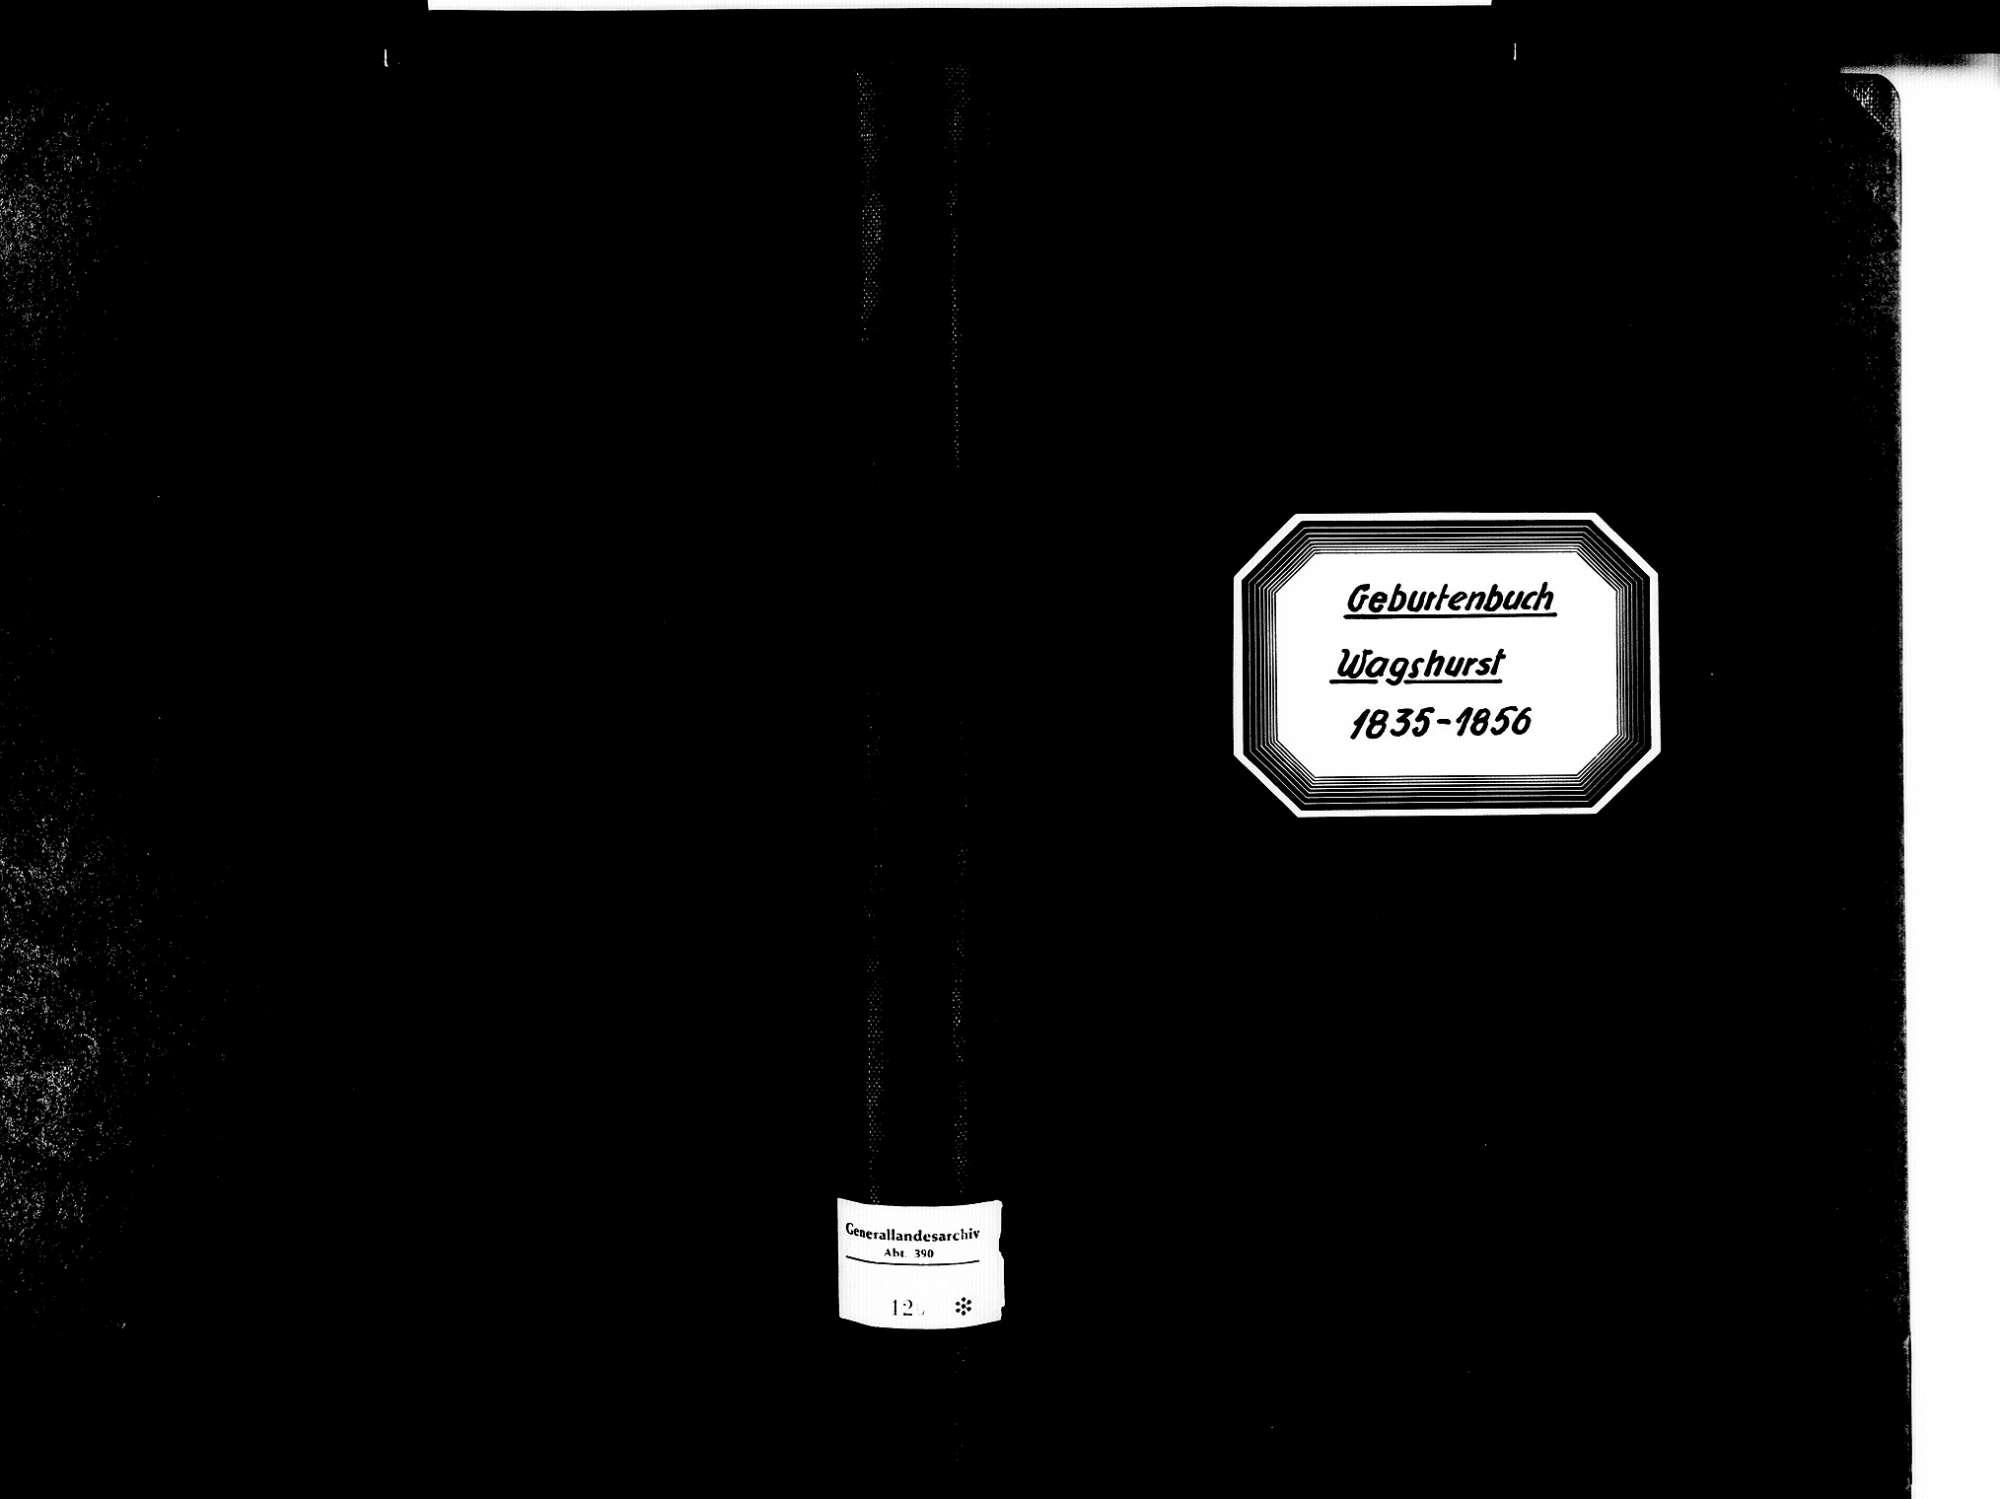 Wagshurst, Achern OG; Katholische Gemeinde: Geburtenbuch 1835-1856, Bild 1